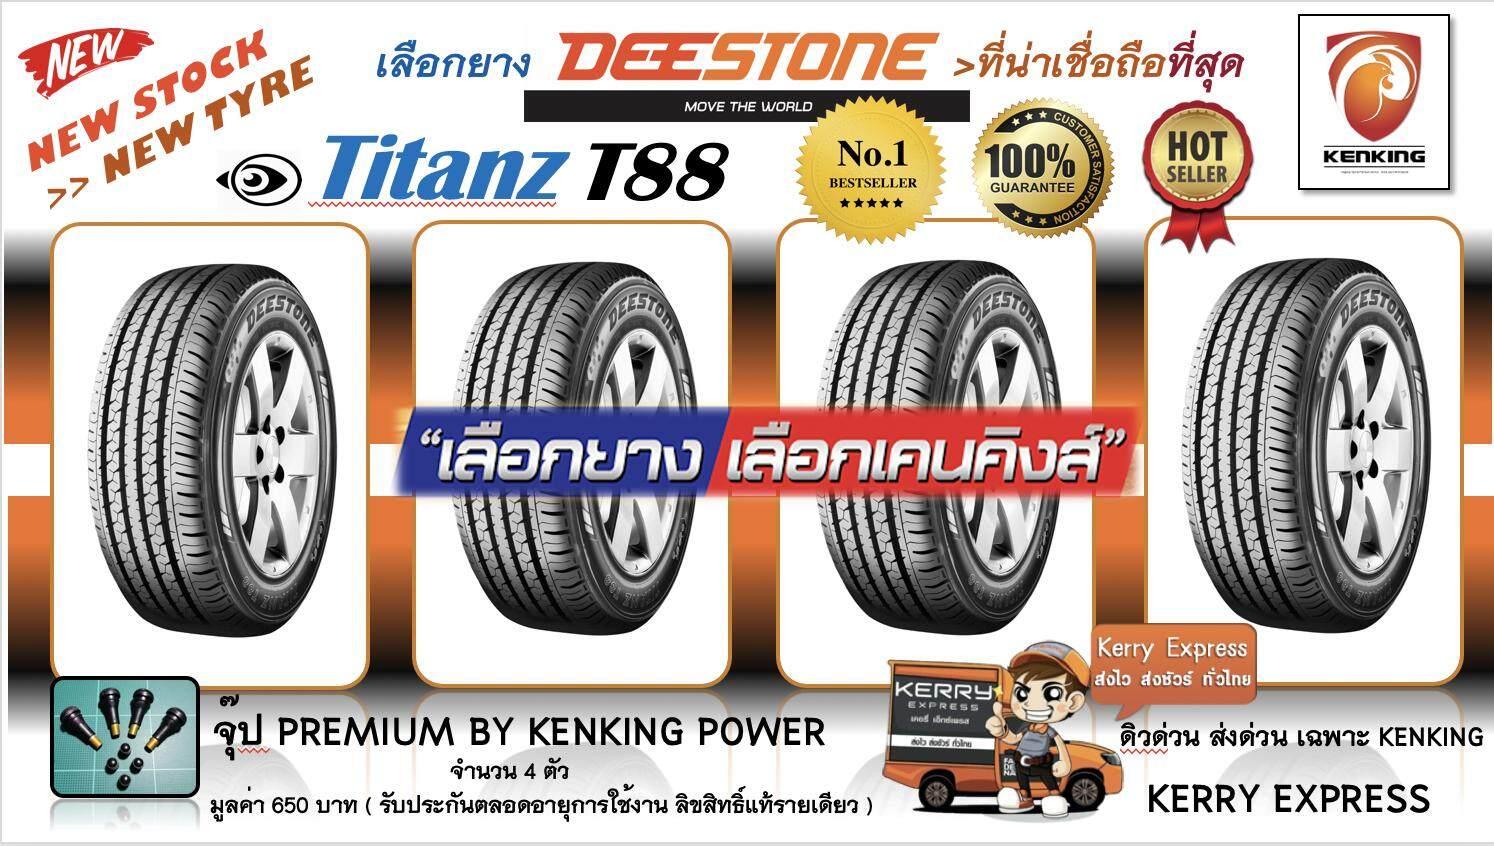 ประกันภัย รถยนต์ 2+ เพชรบุรี ยางรถยนต์ขอบ15 Deestone 205/70 R15 TITANZ T88 New!  2019 (จำนวน 4 เส้น) FREE !! จุ๊ป KENKING POWER Premium เกรด มูลค่า 650 บาท ลิขสิทธิ์แท้รายเดียว ยางรถยนต์ ขอบ15 ยางราคาส่ง